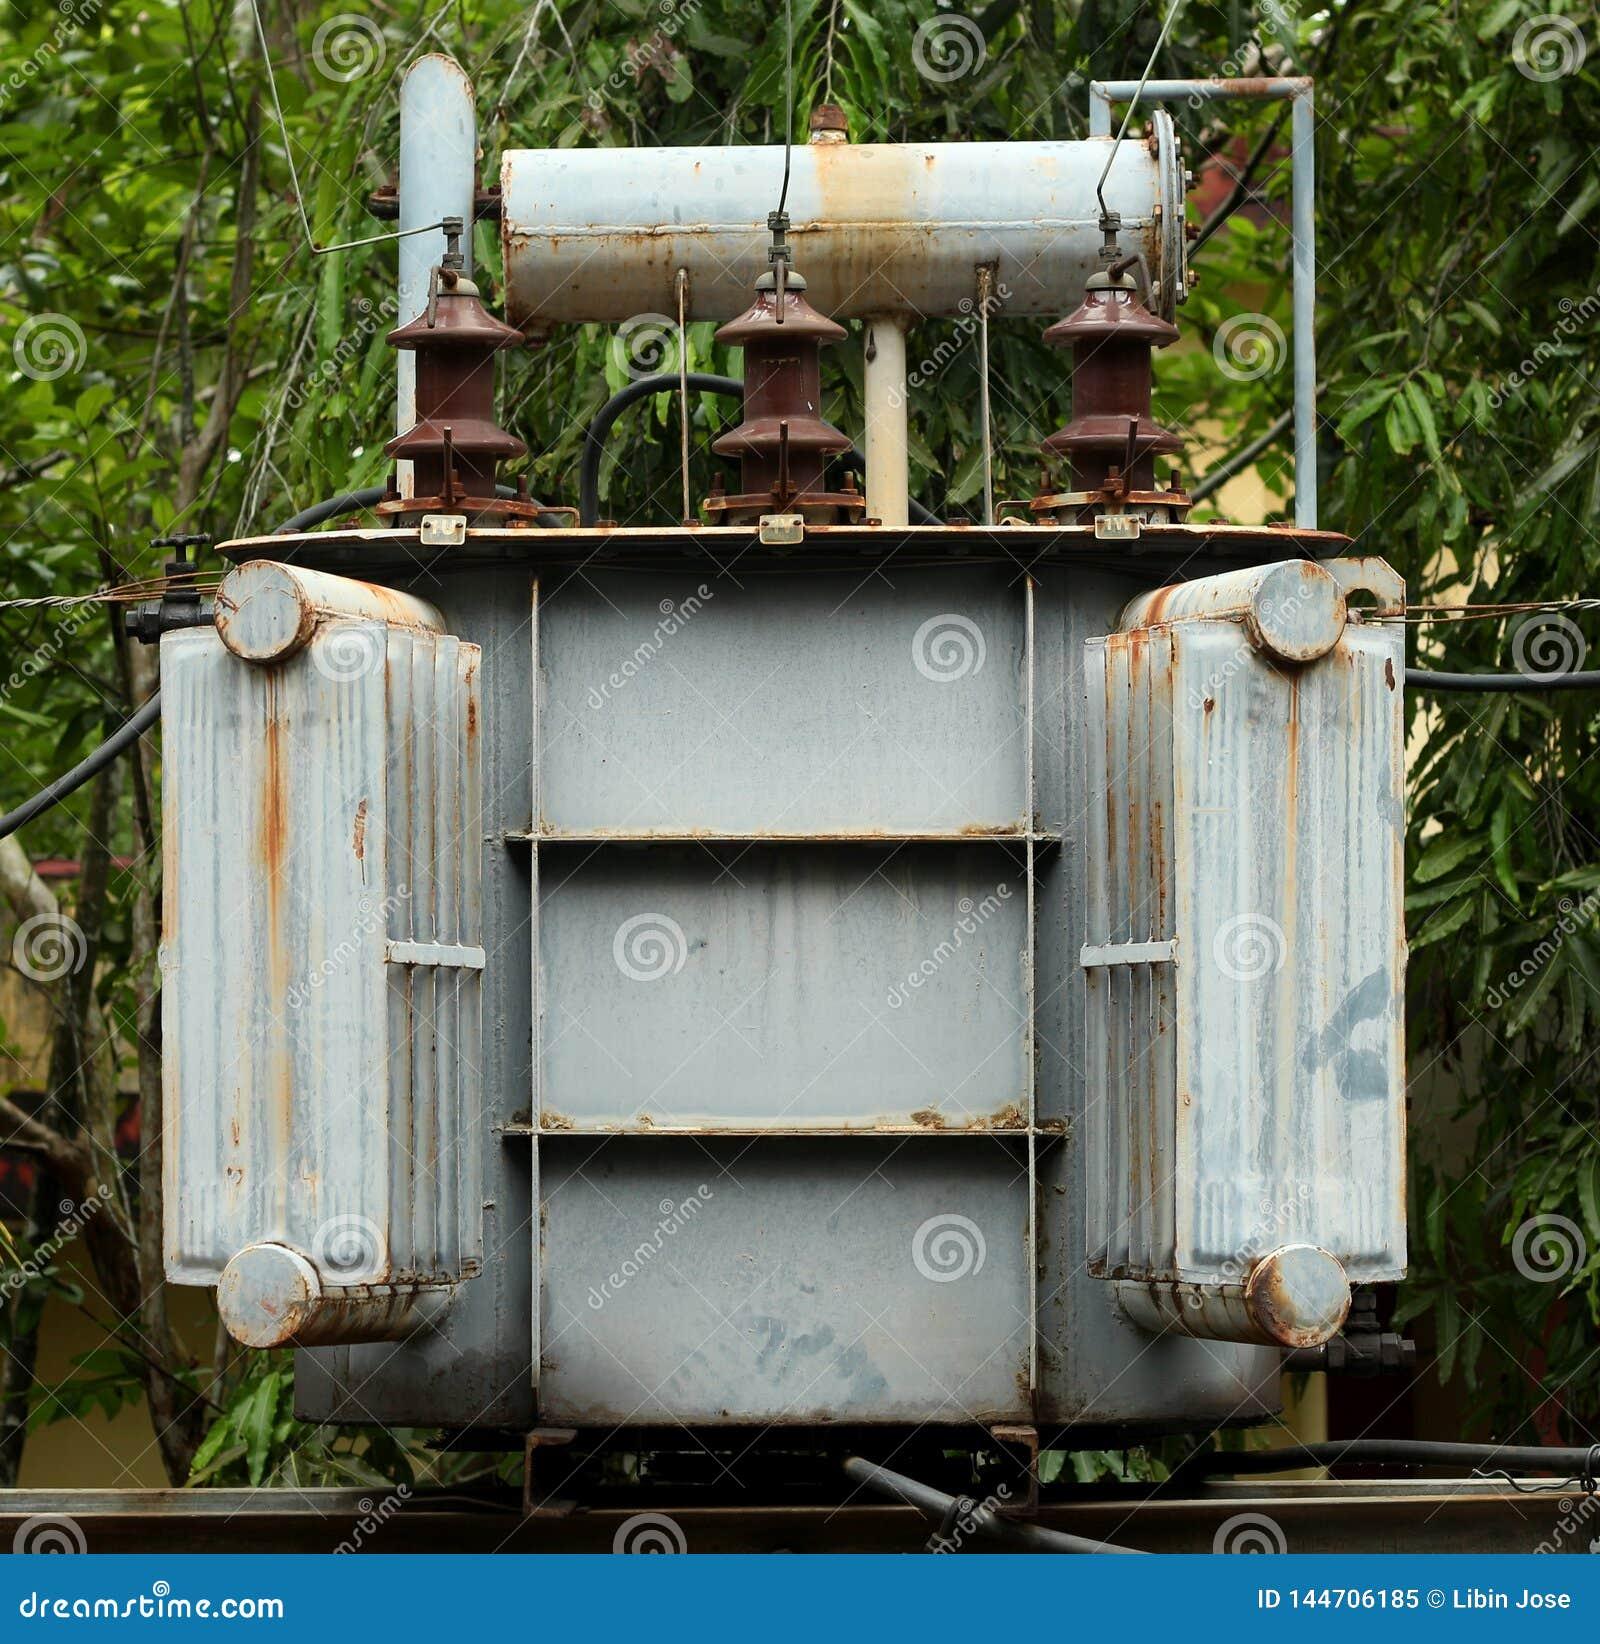 Transformator elektrisch im Posten